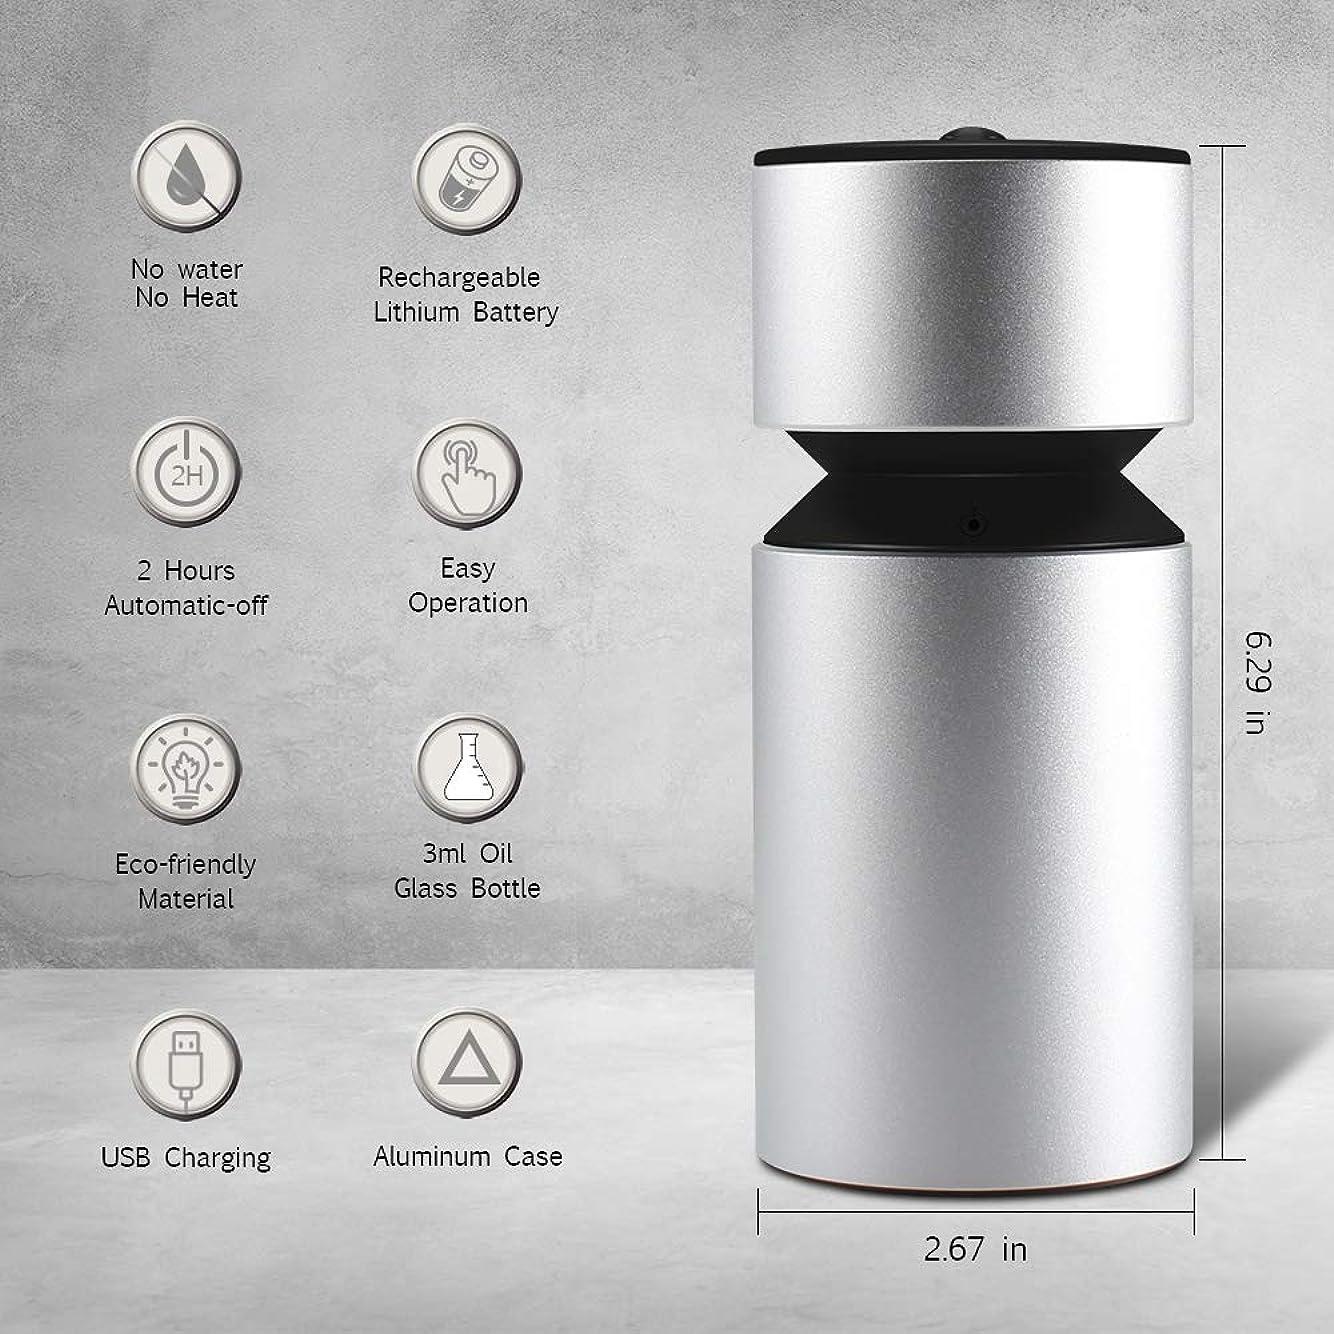 薄汚い好意的漂流噴霧オイルディフューザー、超音波アロマディフューザー、ミニ3.0 USB充電式ネブライザーアロマアロマアロマ